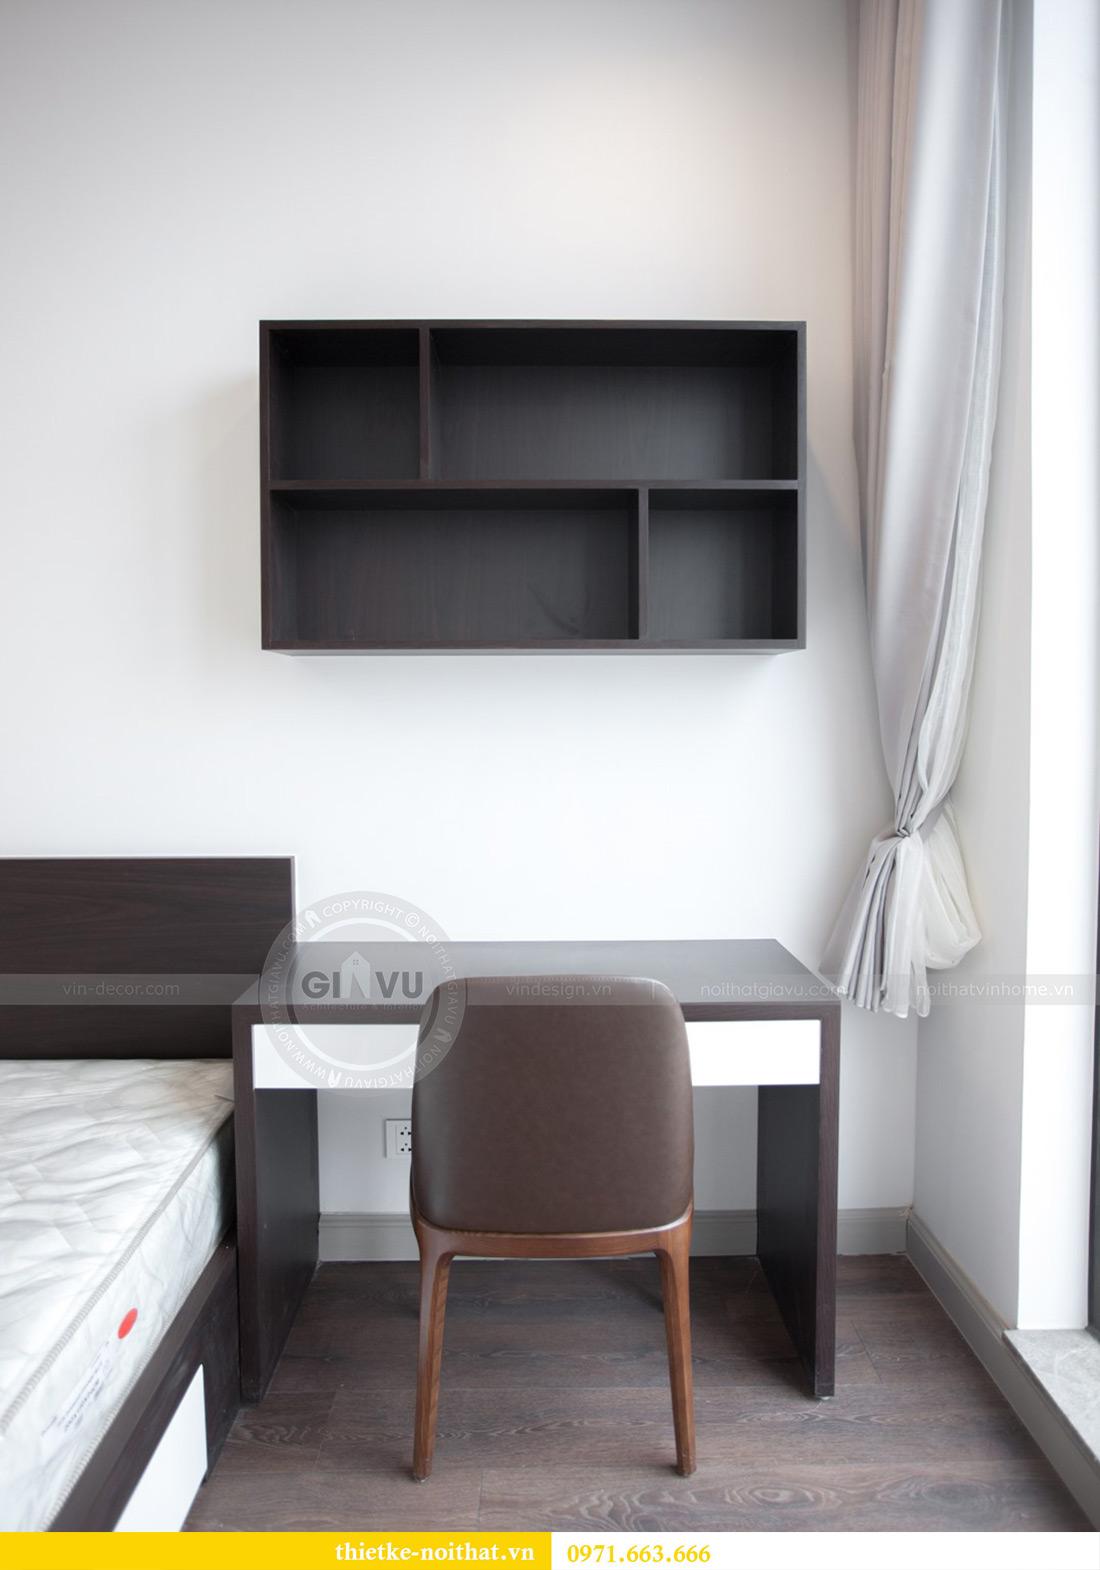 Hoàn thiện nội thất chung cư 69B Thụy Khuê tòa S2B căn 05 anh Thanh 7